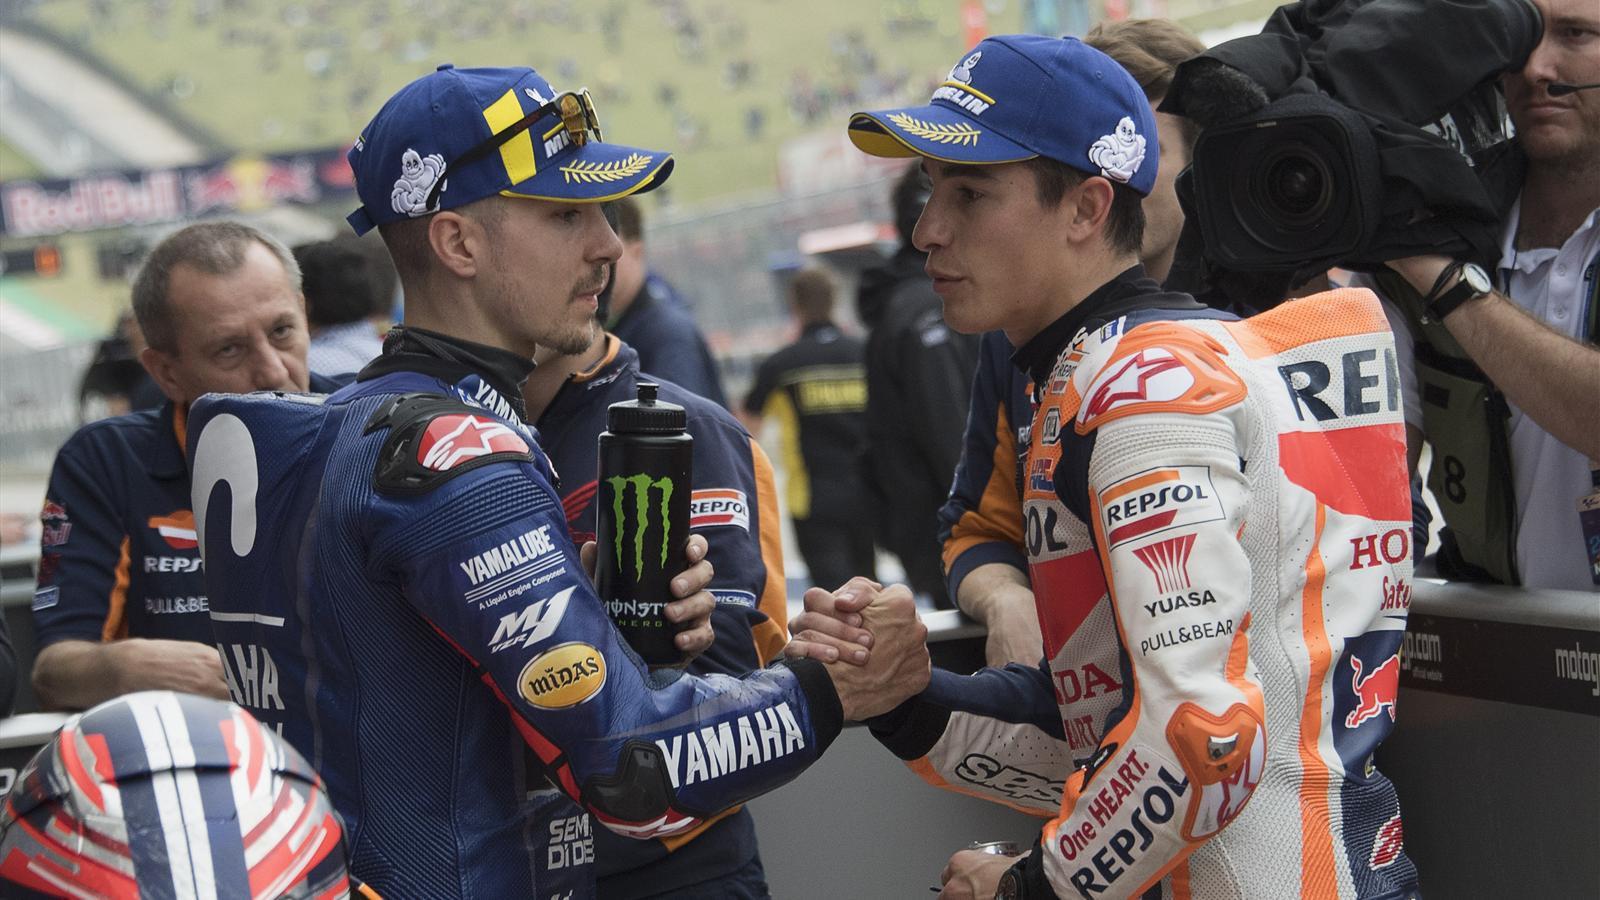 MotoGP: Marc Marquez verliert Austin-Pole an Vinales - Grand Prix Americas 2018 - Motorrad ...